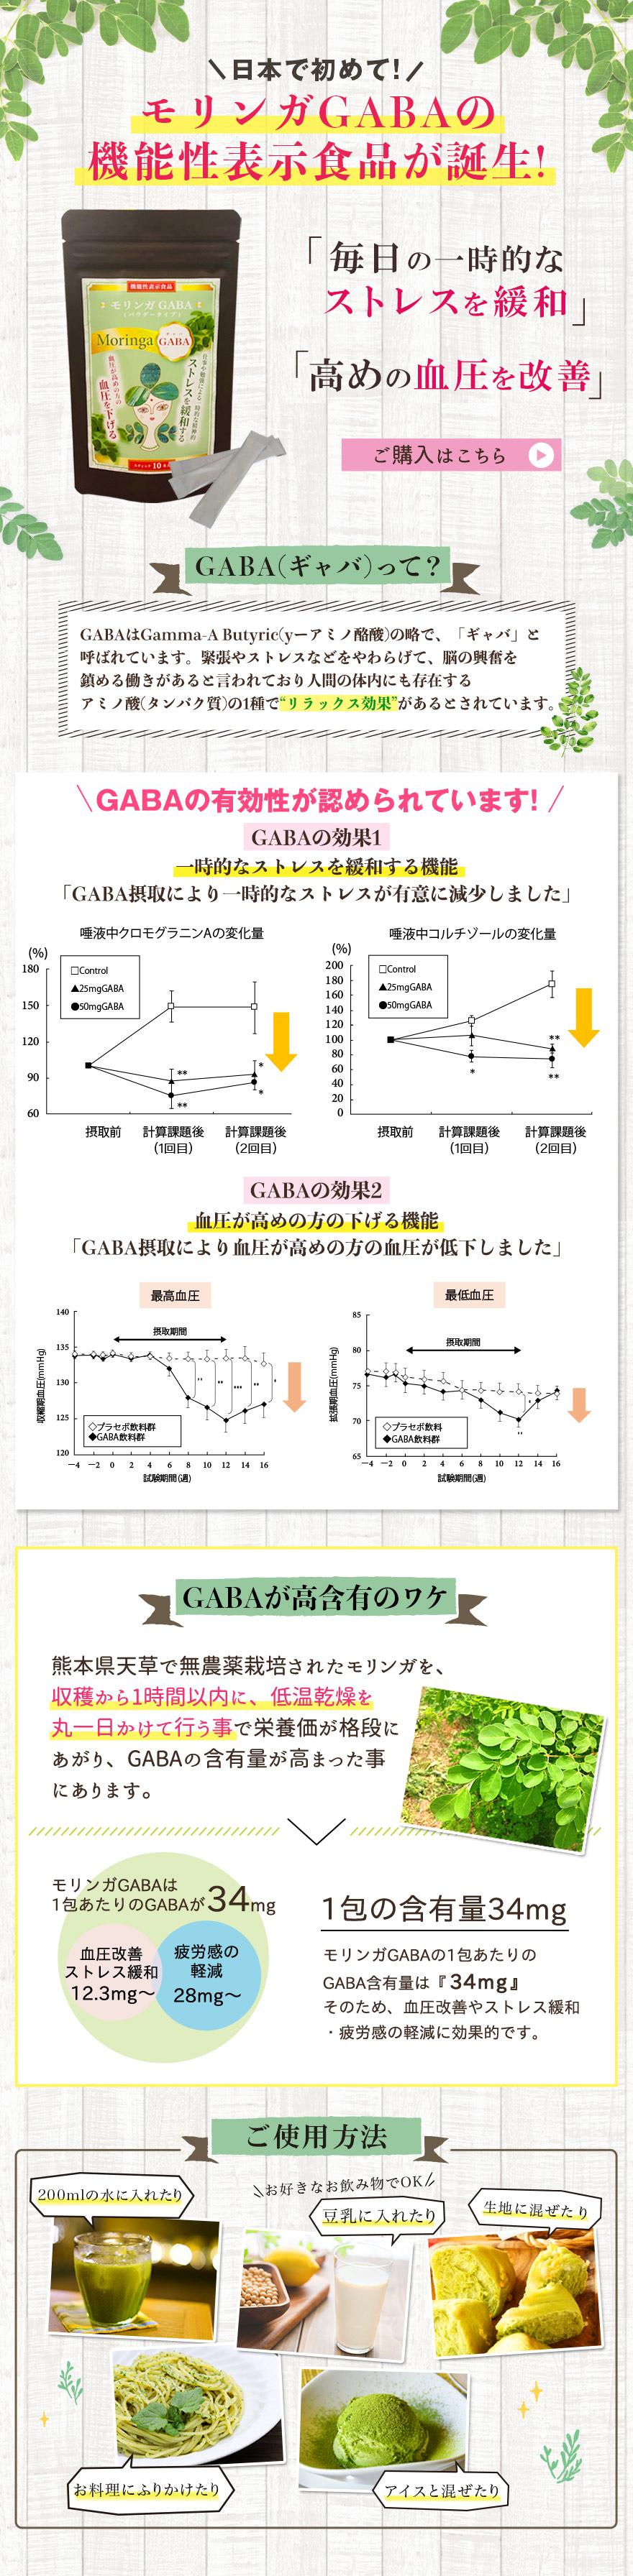 日本で初めて!モリンガGABAの機能性表示食品が誕生!